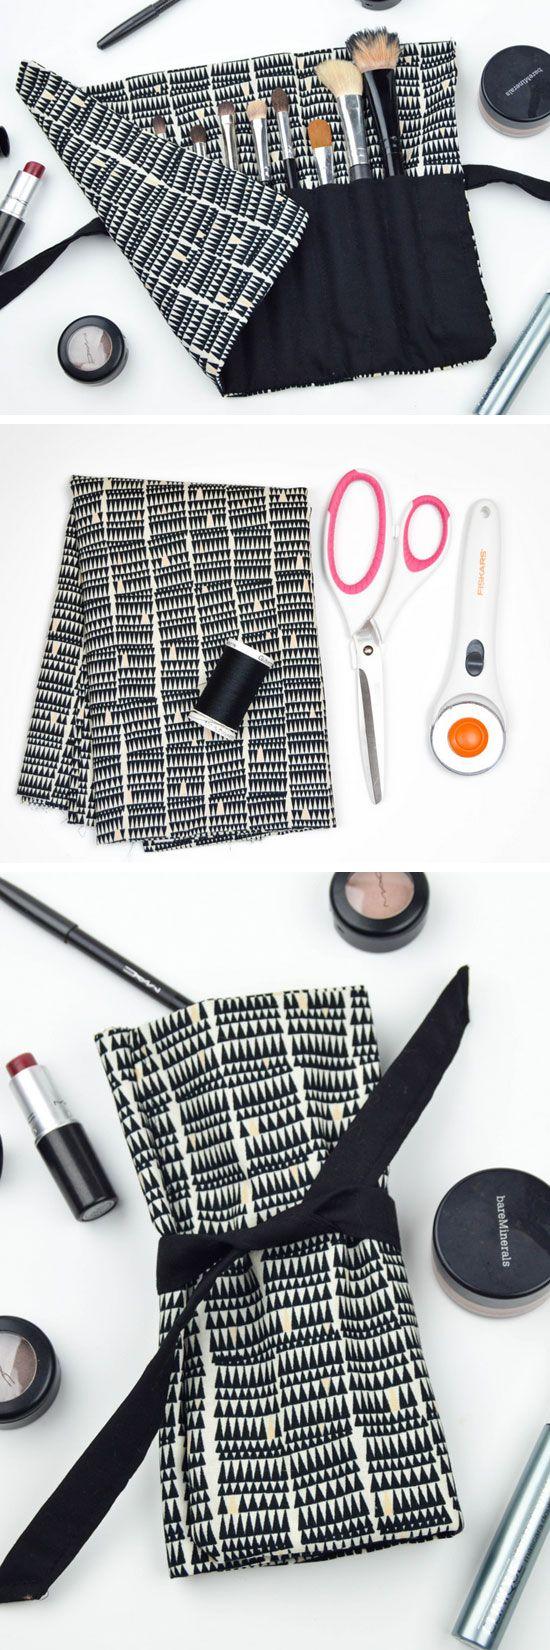 DIY Travel Makeup Brush Roll | 18 DIY Makeup Storage Ideas | DIY Travel Makeup Bag Organization